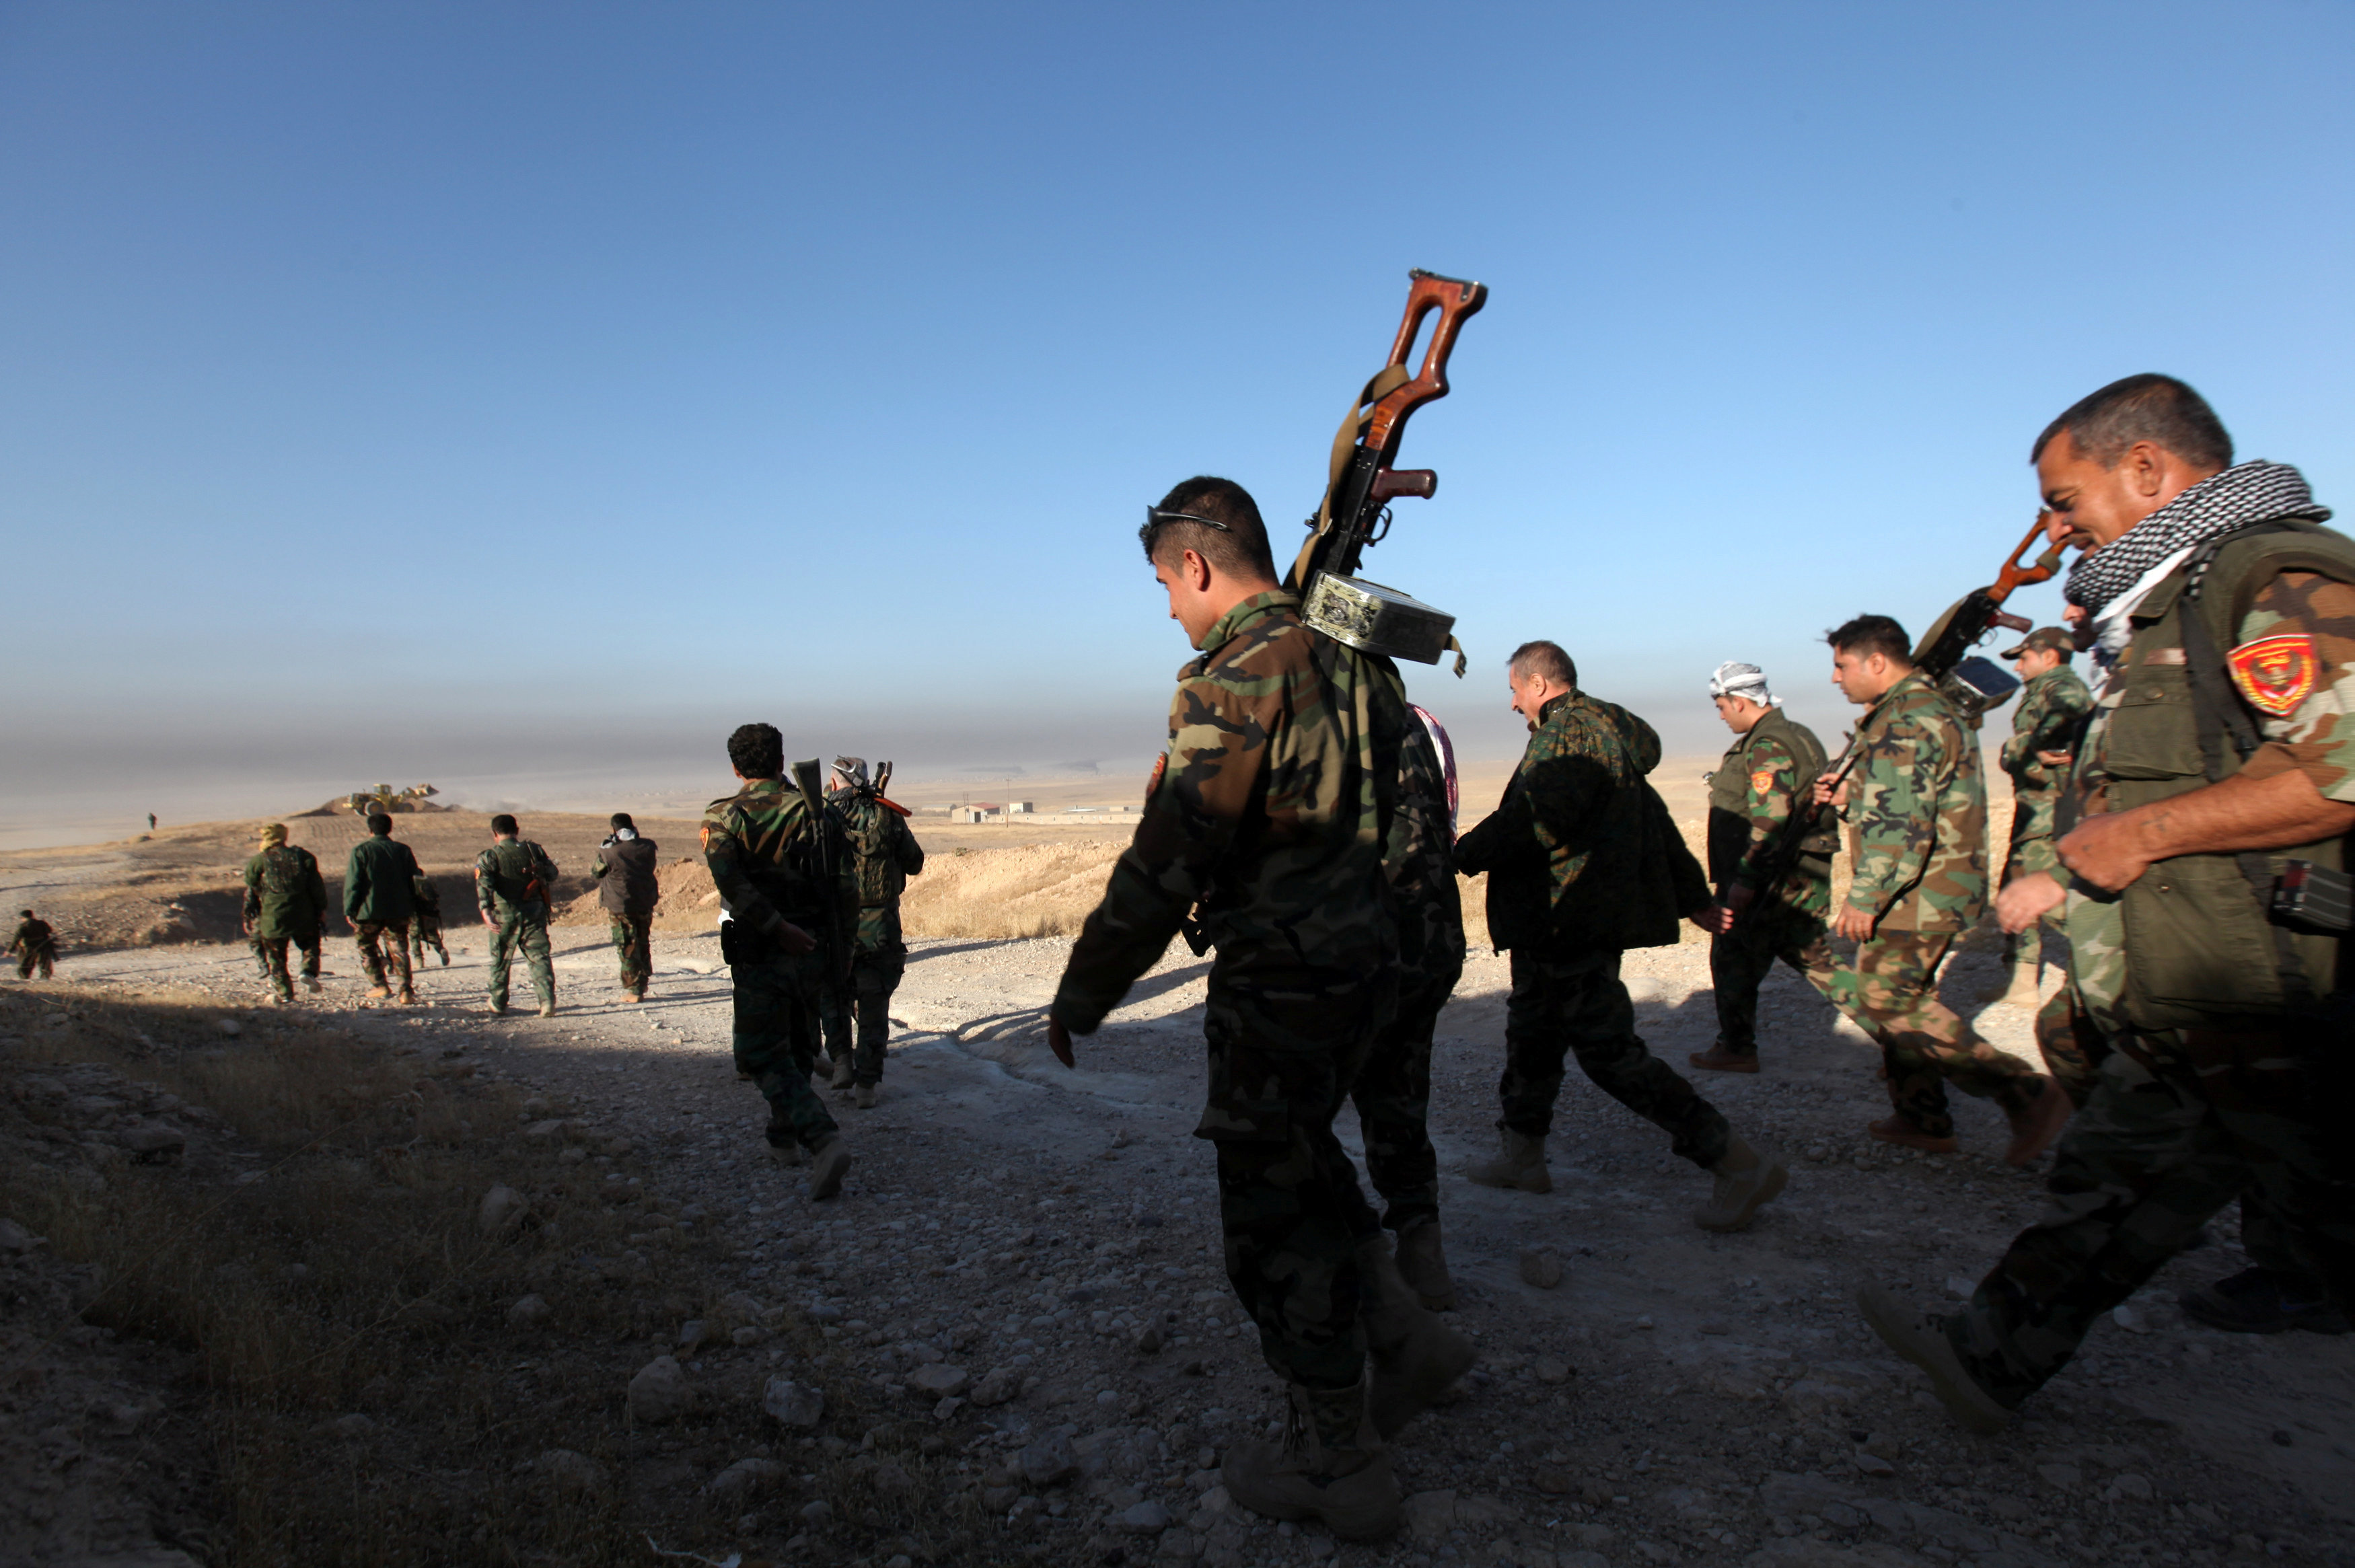 Правительственные силы перед атакой на позиции боевиков ИГ в городе Мосул, Ирак